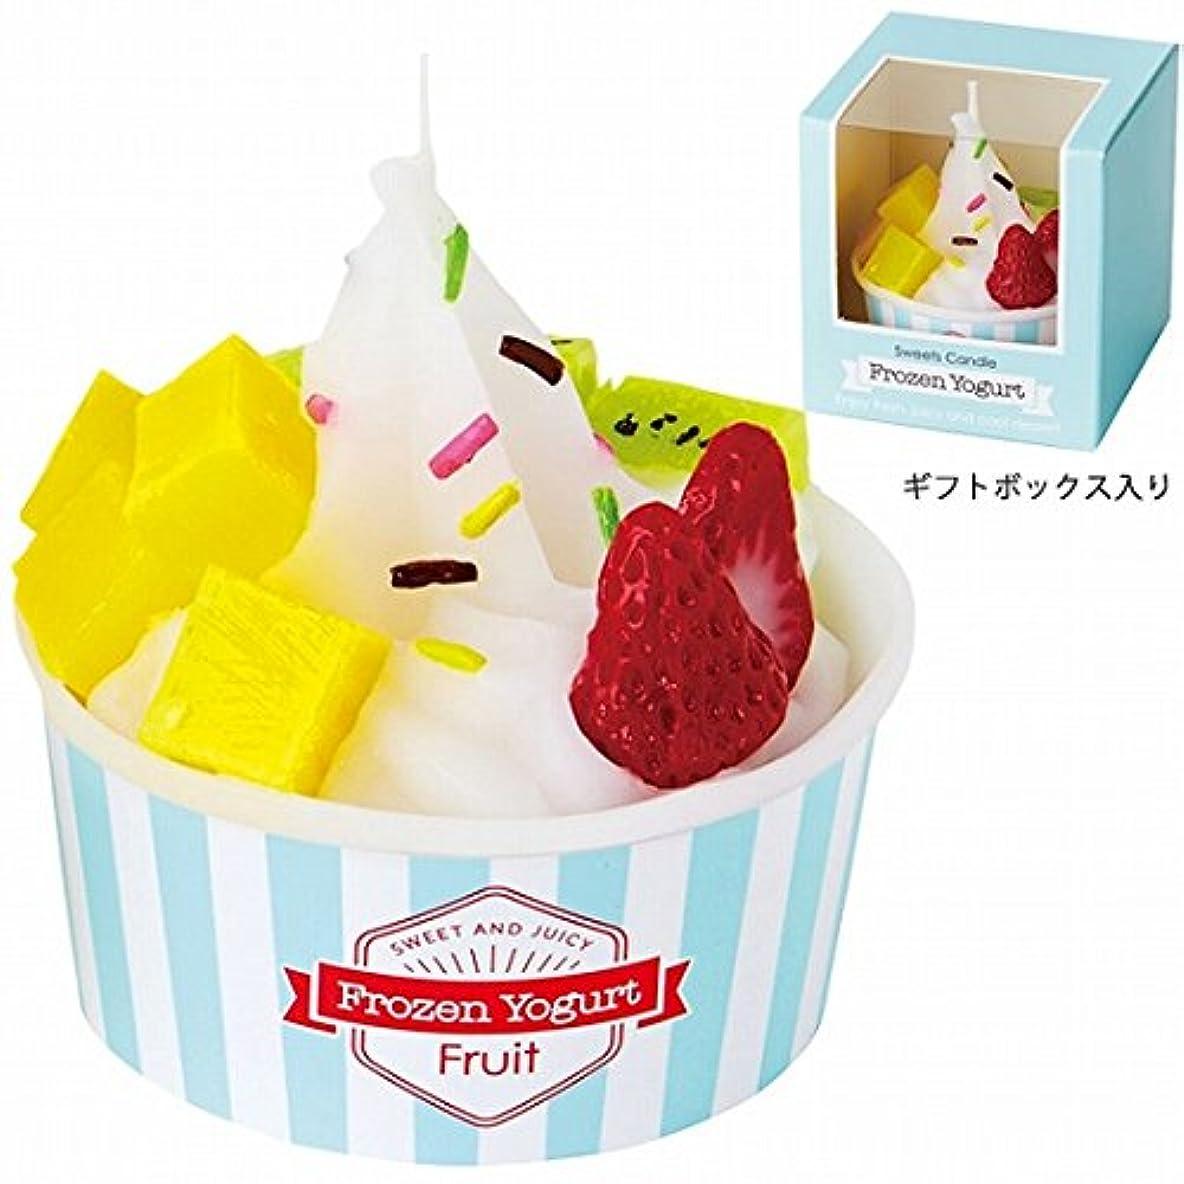 出席強制的トランスペアレントkameyama candle(カメヤマキャンドル) フローズンヨーグルトキャンドル 「フルーツ」 4個セット(A4670520)